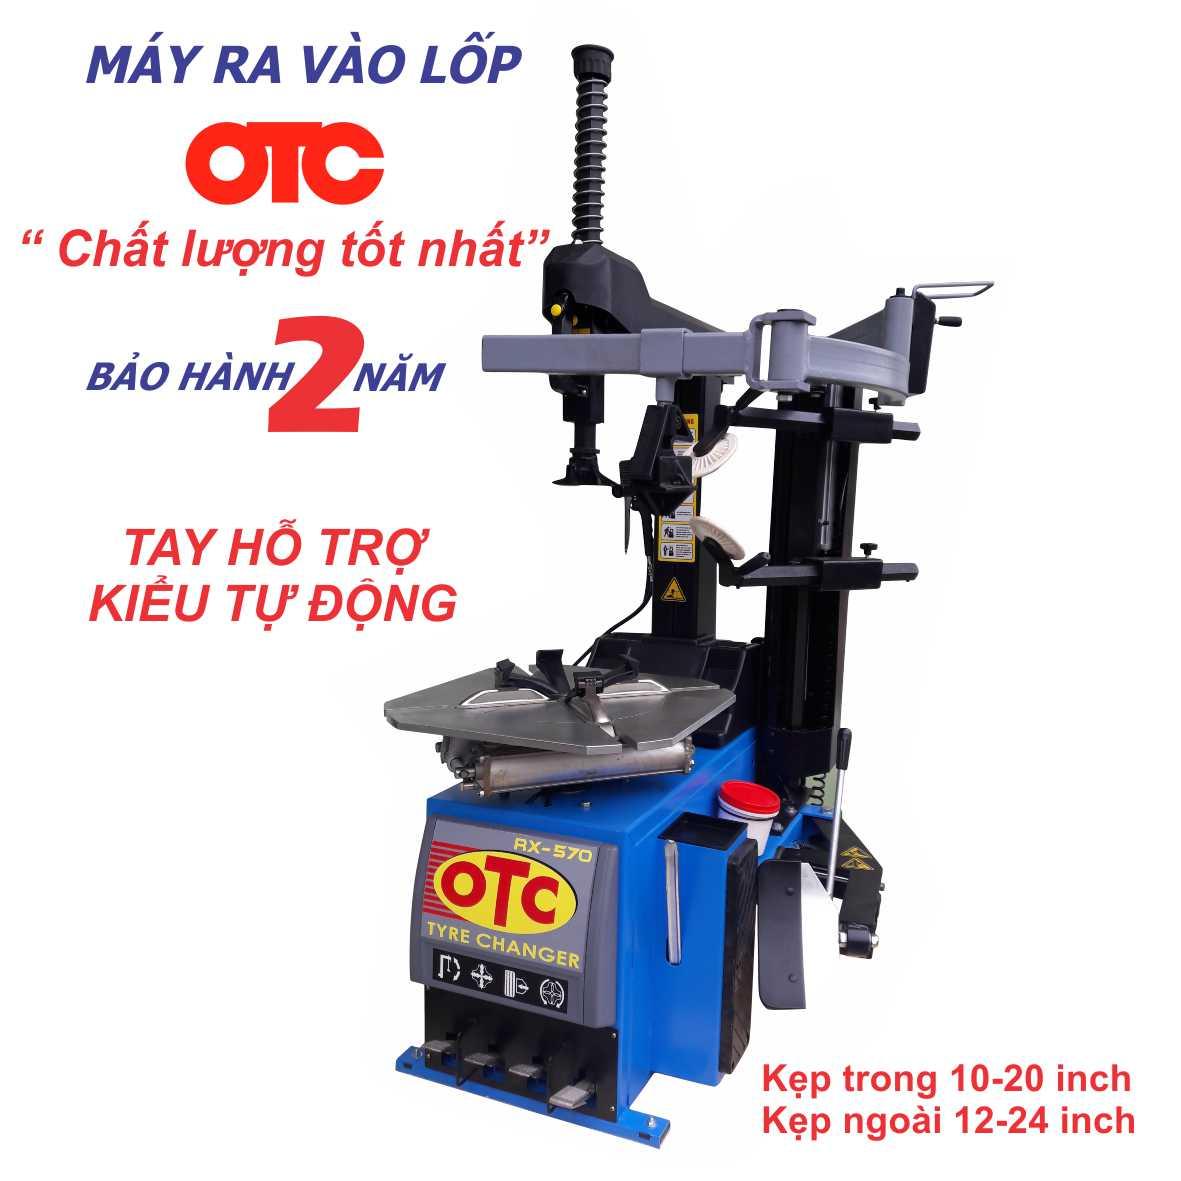 Máy ra vỏ tự động RX570, Máy tháo vỏ tự động, máy ra vào vỏ xe ô tô, máy ra vào lốp xe máy, máy làm lốp xe máy, máy ra lốp OTC